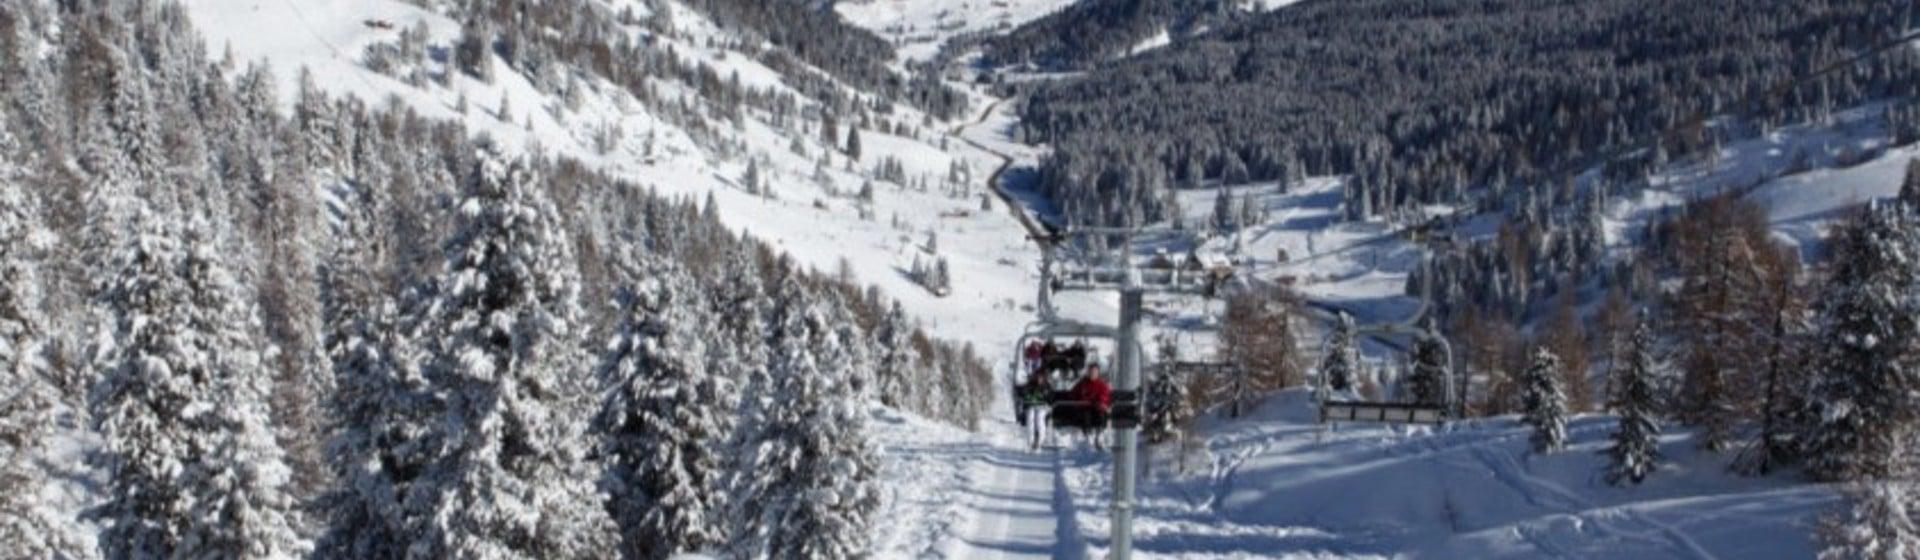 Tutti in Pista al Passo Campolongo - Dolomiti SuperSki